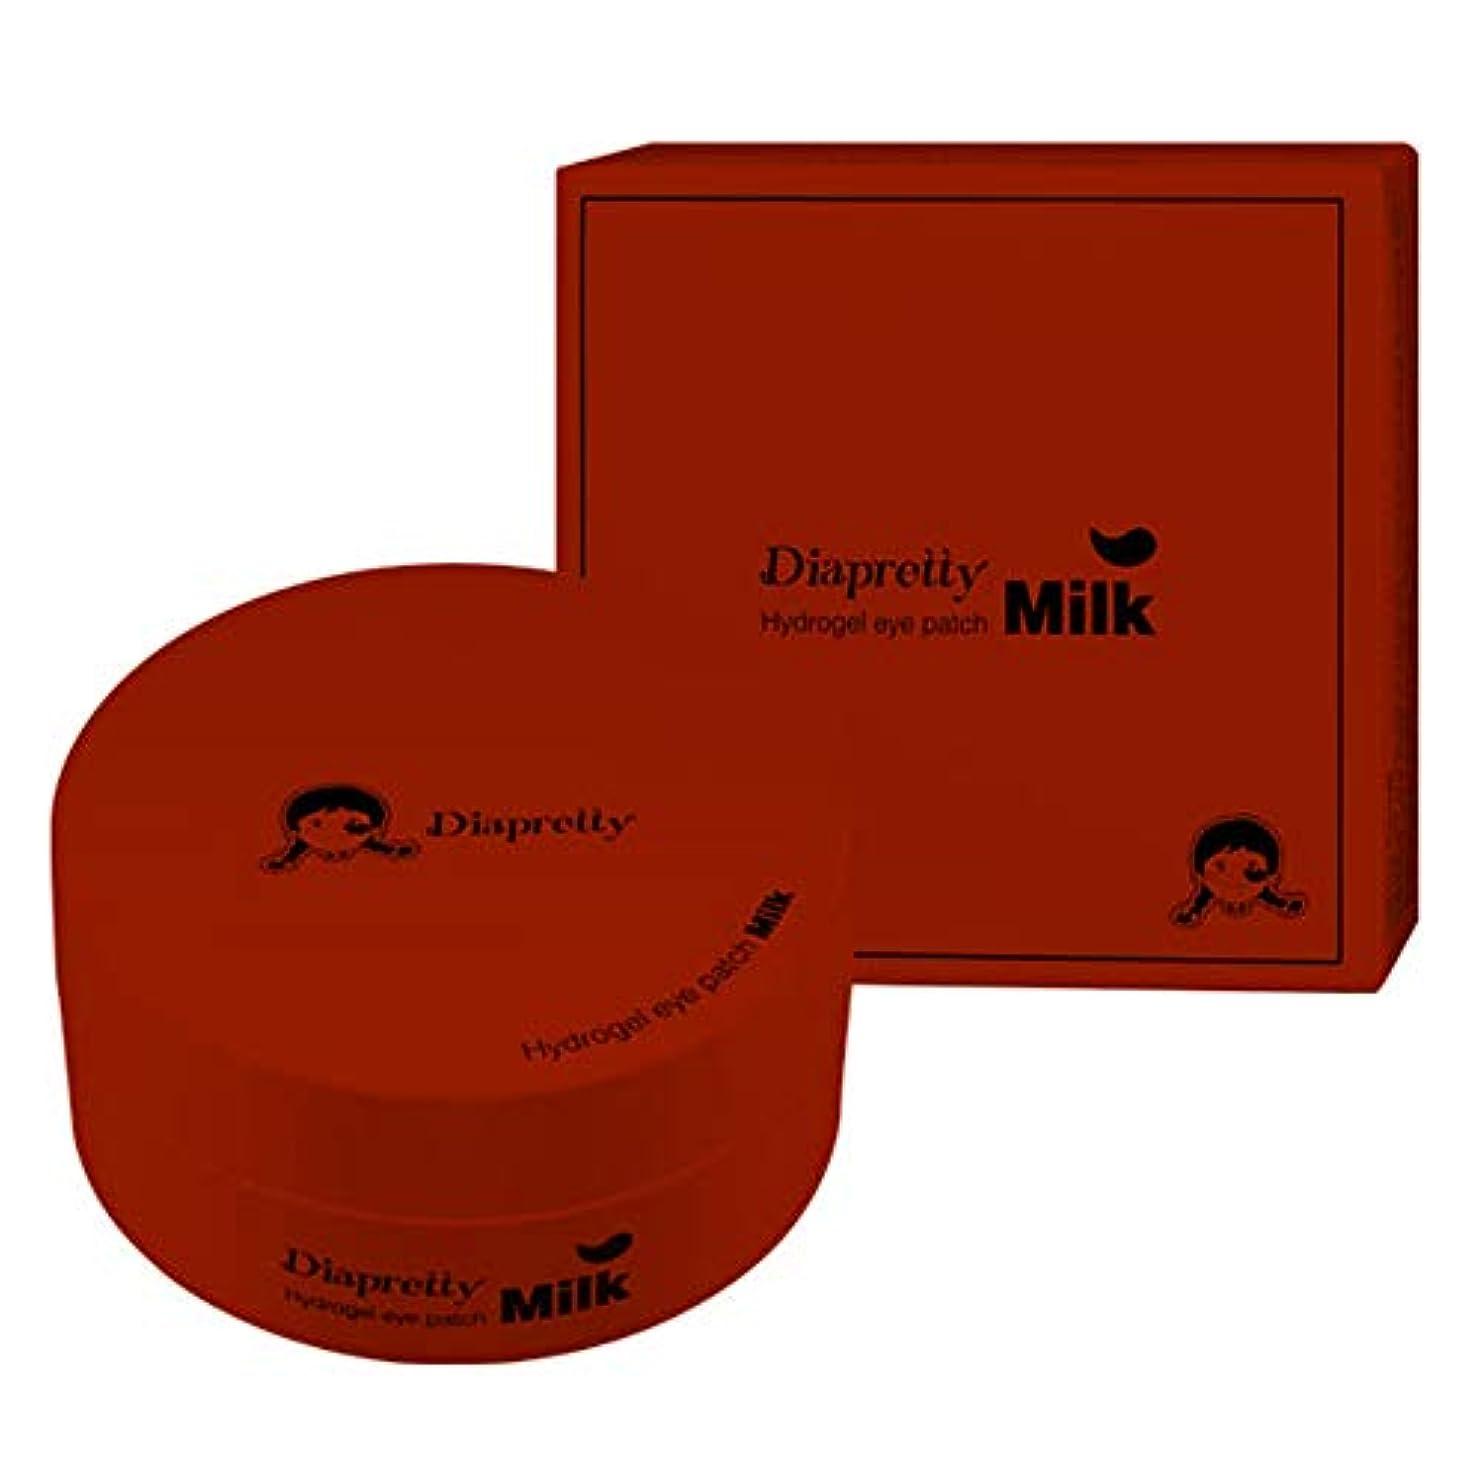 満たす研磨剤感じる[ダイアプリティ] ハイドロゲルア イパッチ (Red Ginseng) 60枚, [Diapretty] Hydrogel Eyepatch(Red Ginseng) 60pieces